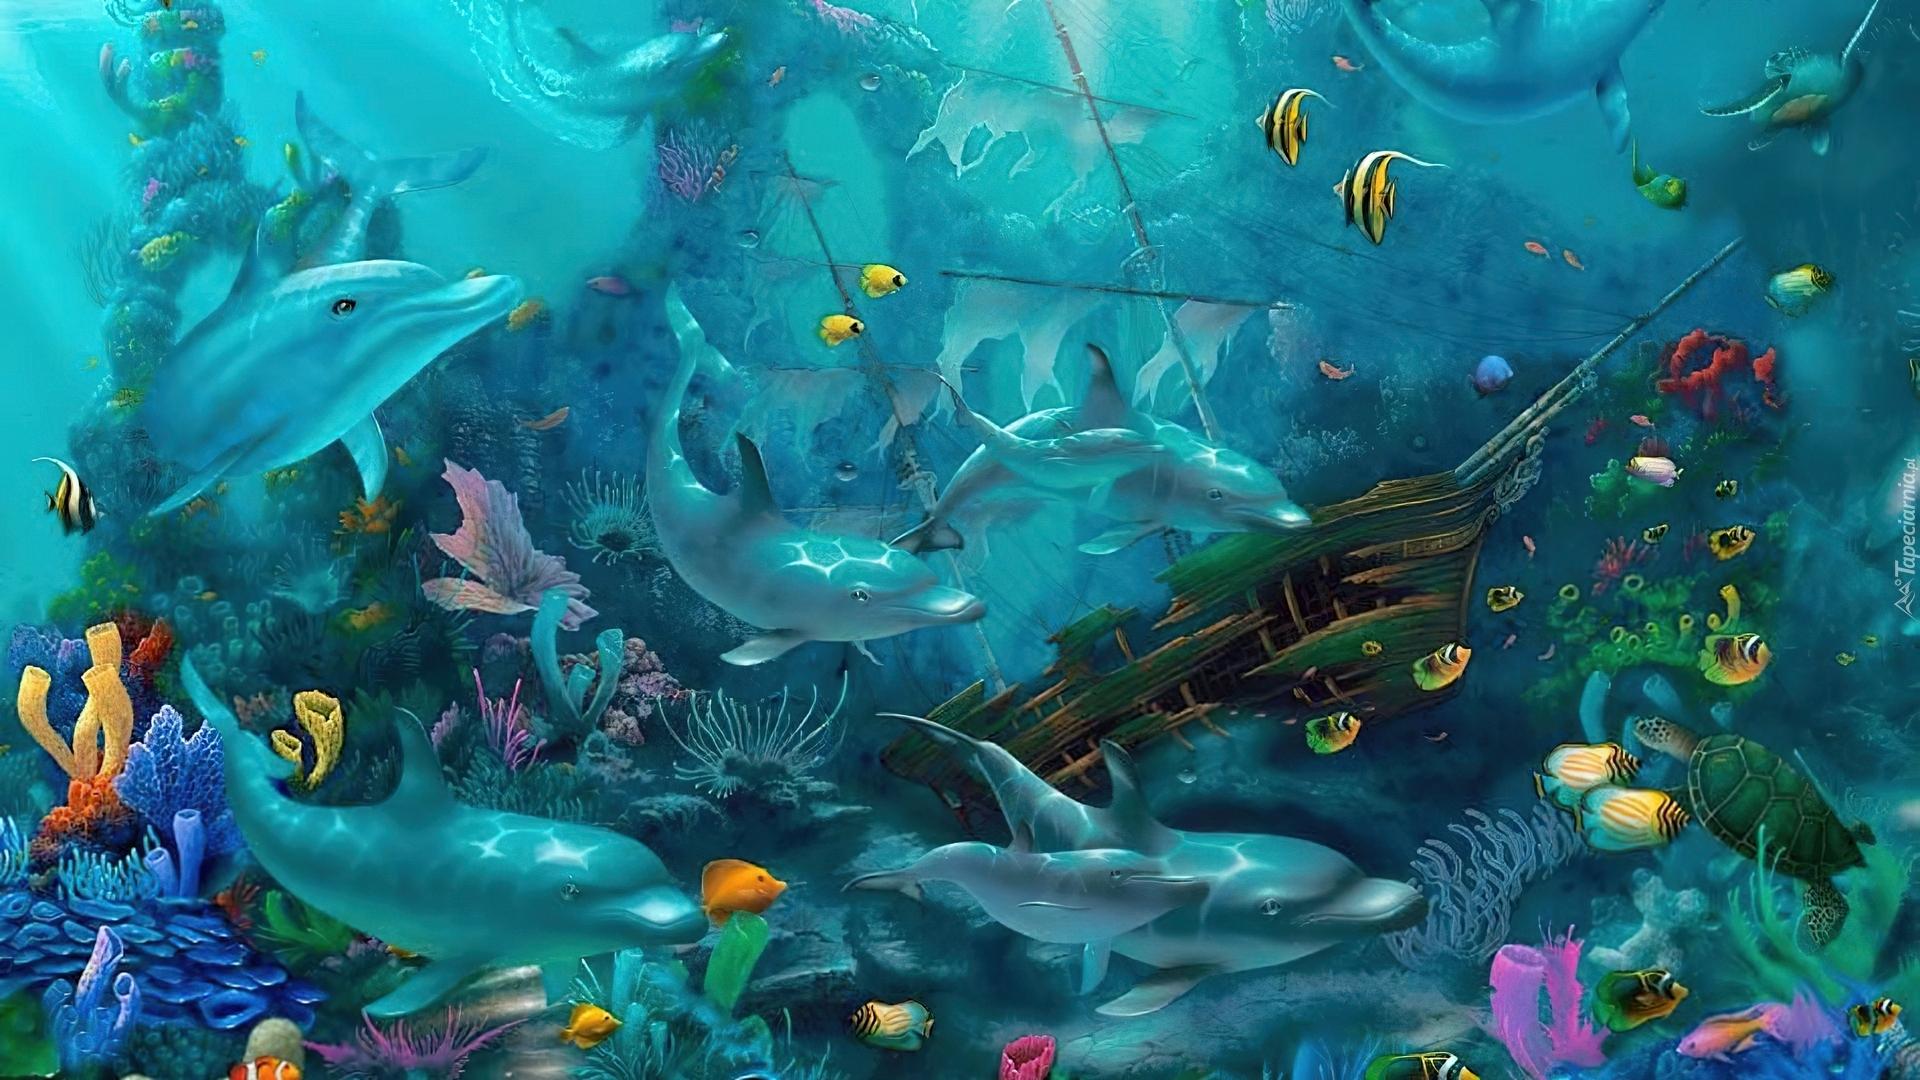 underwater paintings of fish